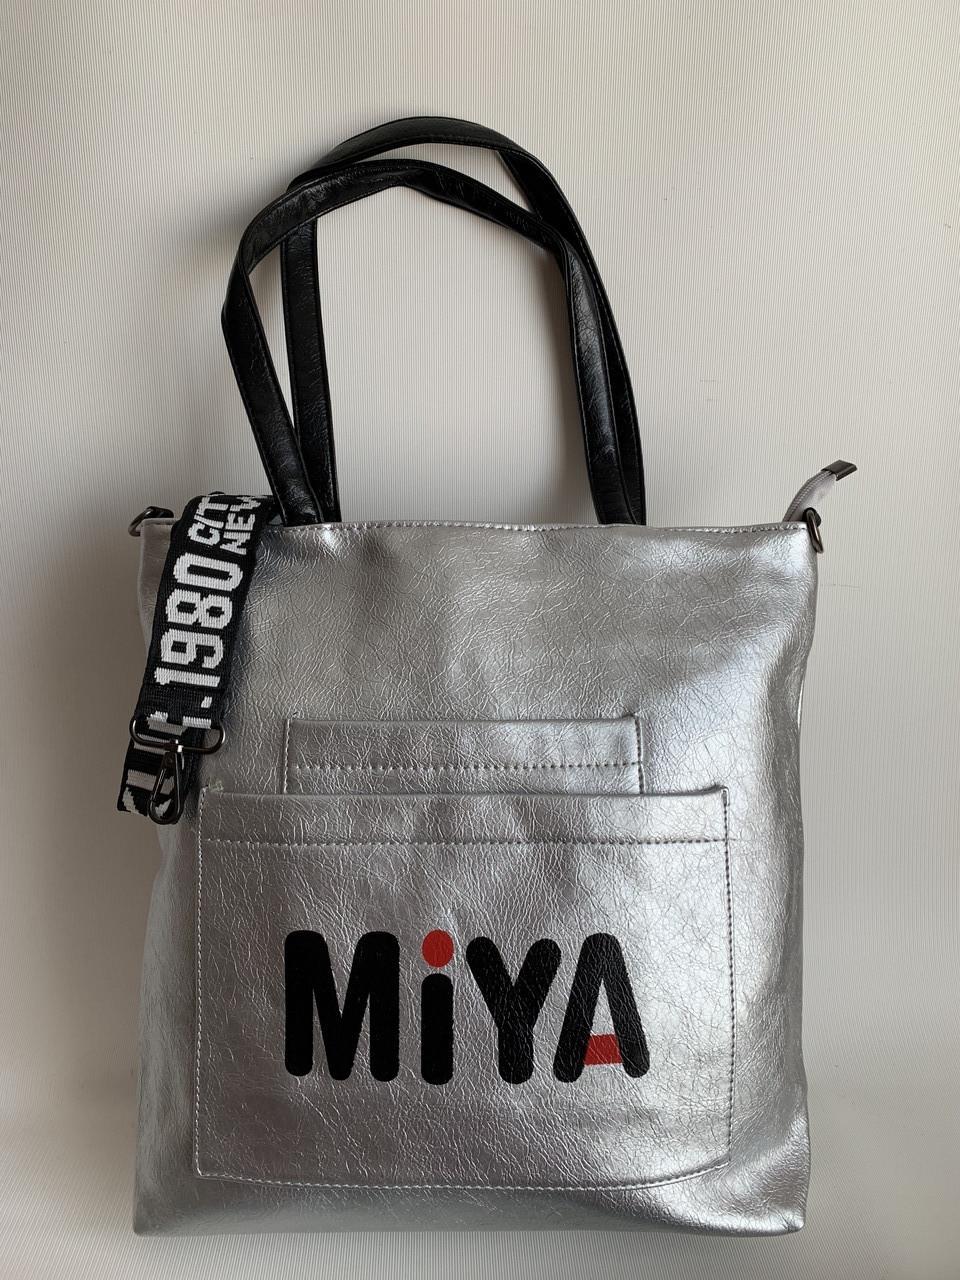 Молодежная серебристая сумка-шоппер на текстильном плечевом ремне